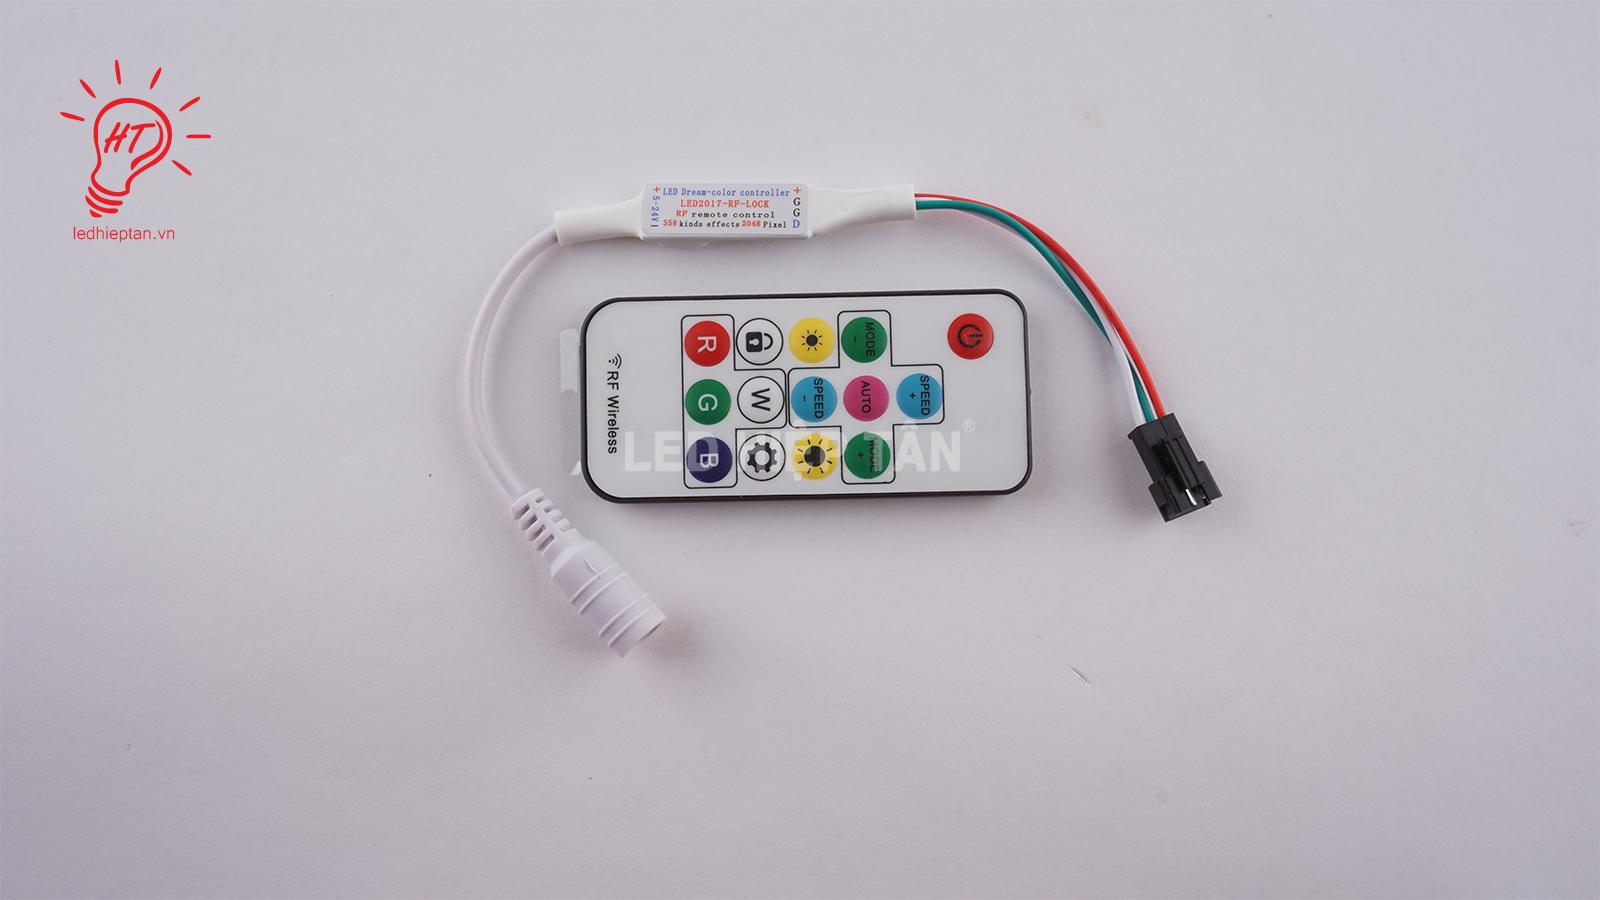 Điều khiển siêu mini cho Led Fullcolor IC1903 - Led Hiệp Tân - Vật tư led Untitled-5-8726b999-6cdf-4af6-83f4-d8317d869b7b